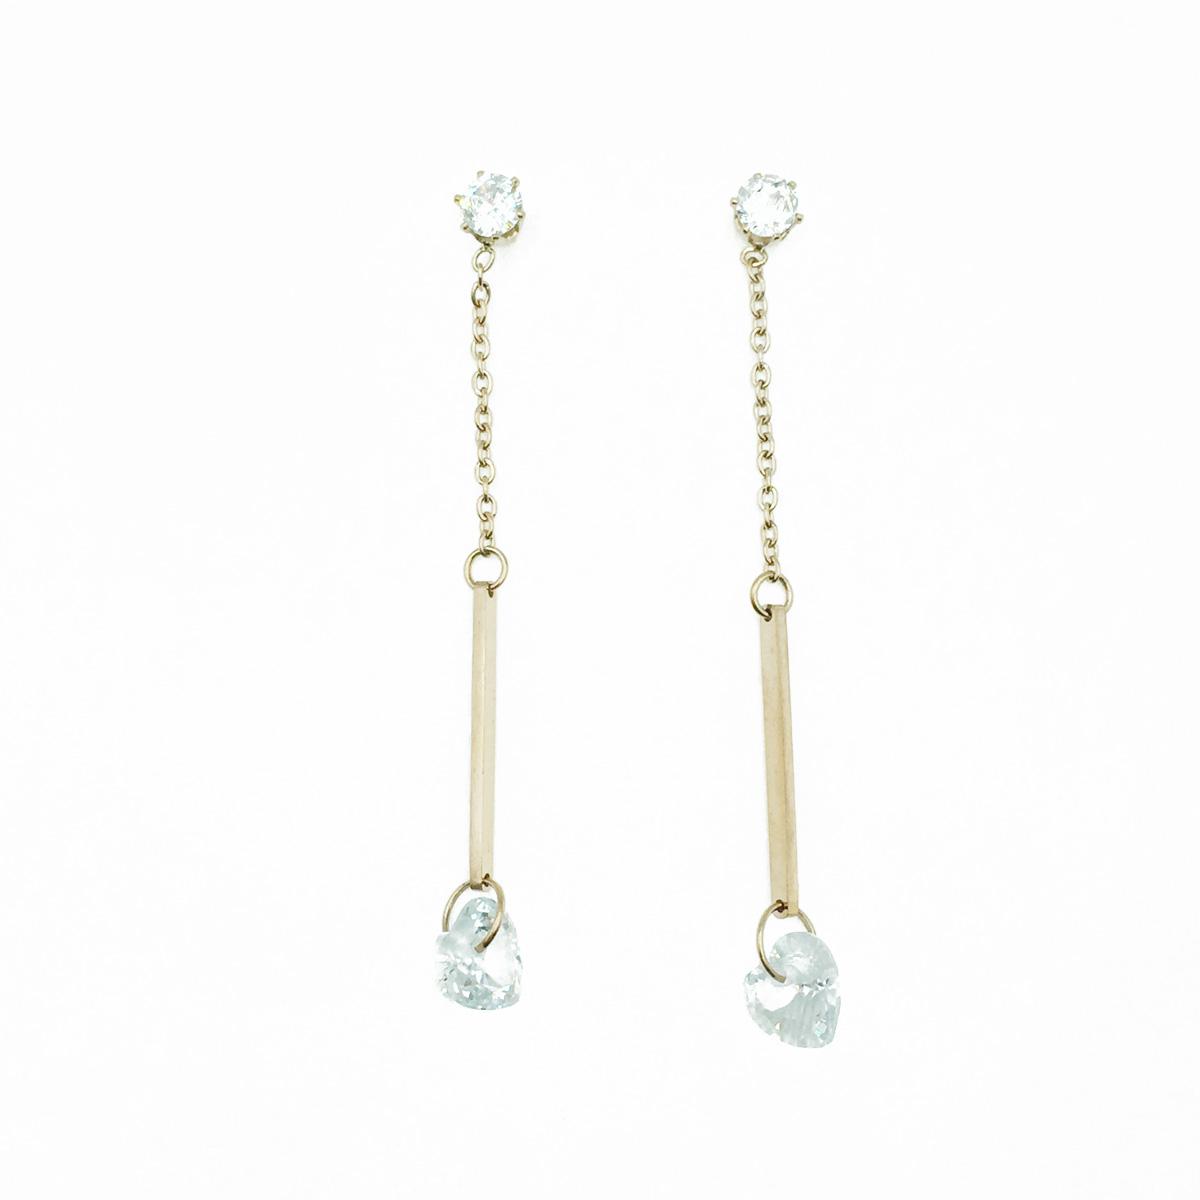 韓國 不鏽鋼 水鑽 愛心 玫瑰金 垂墜感 耳針式耳環